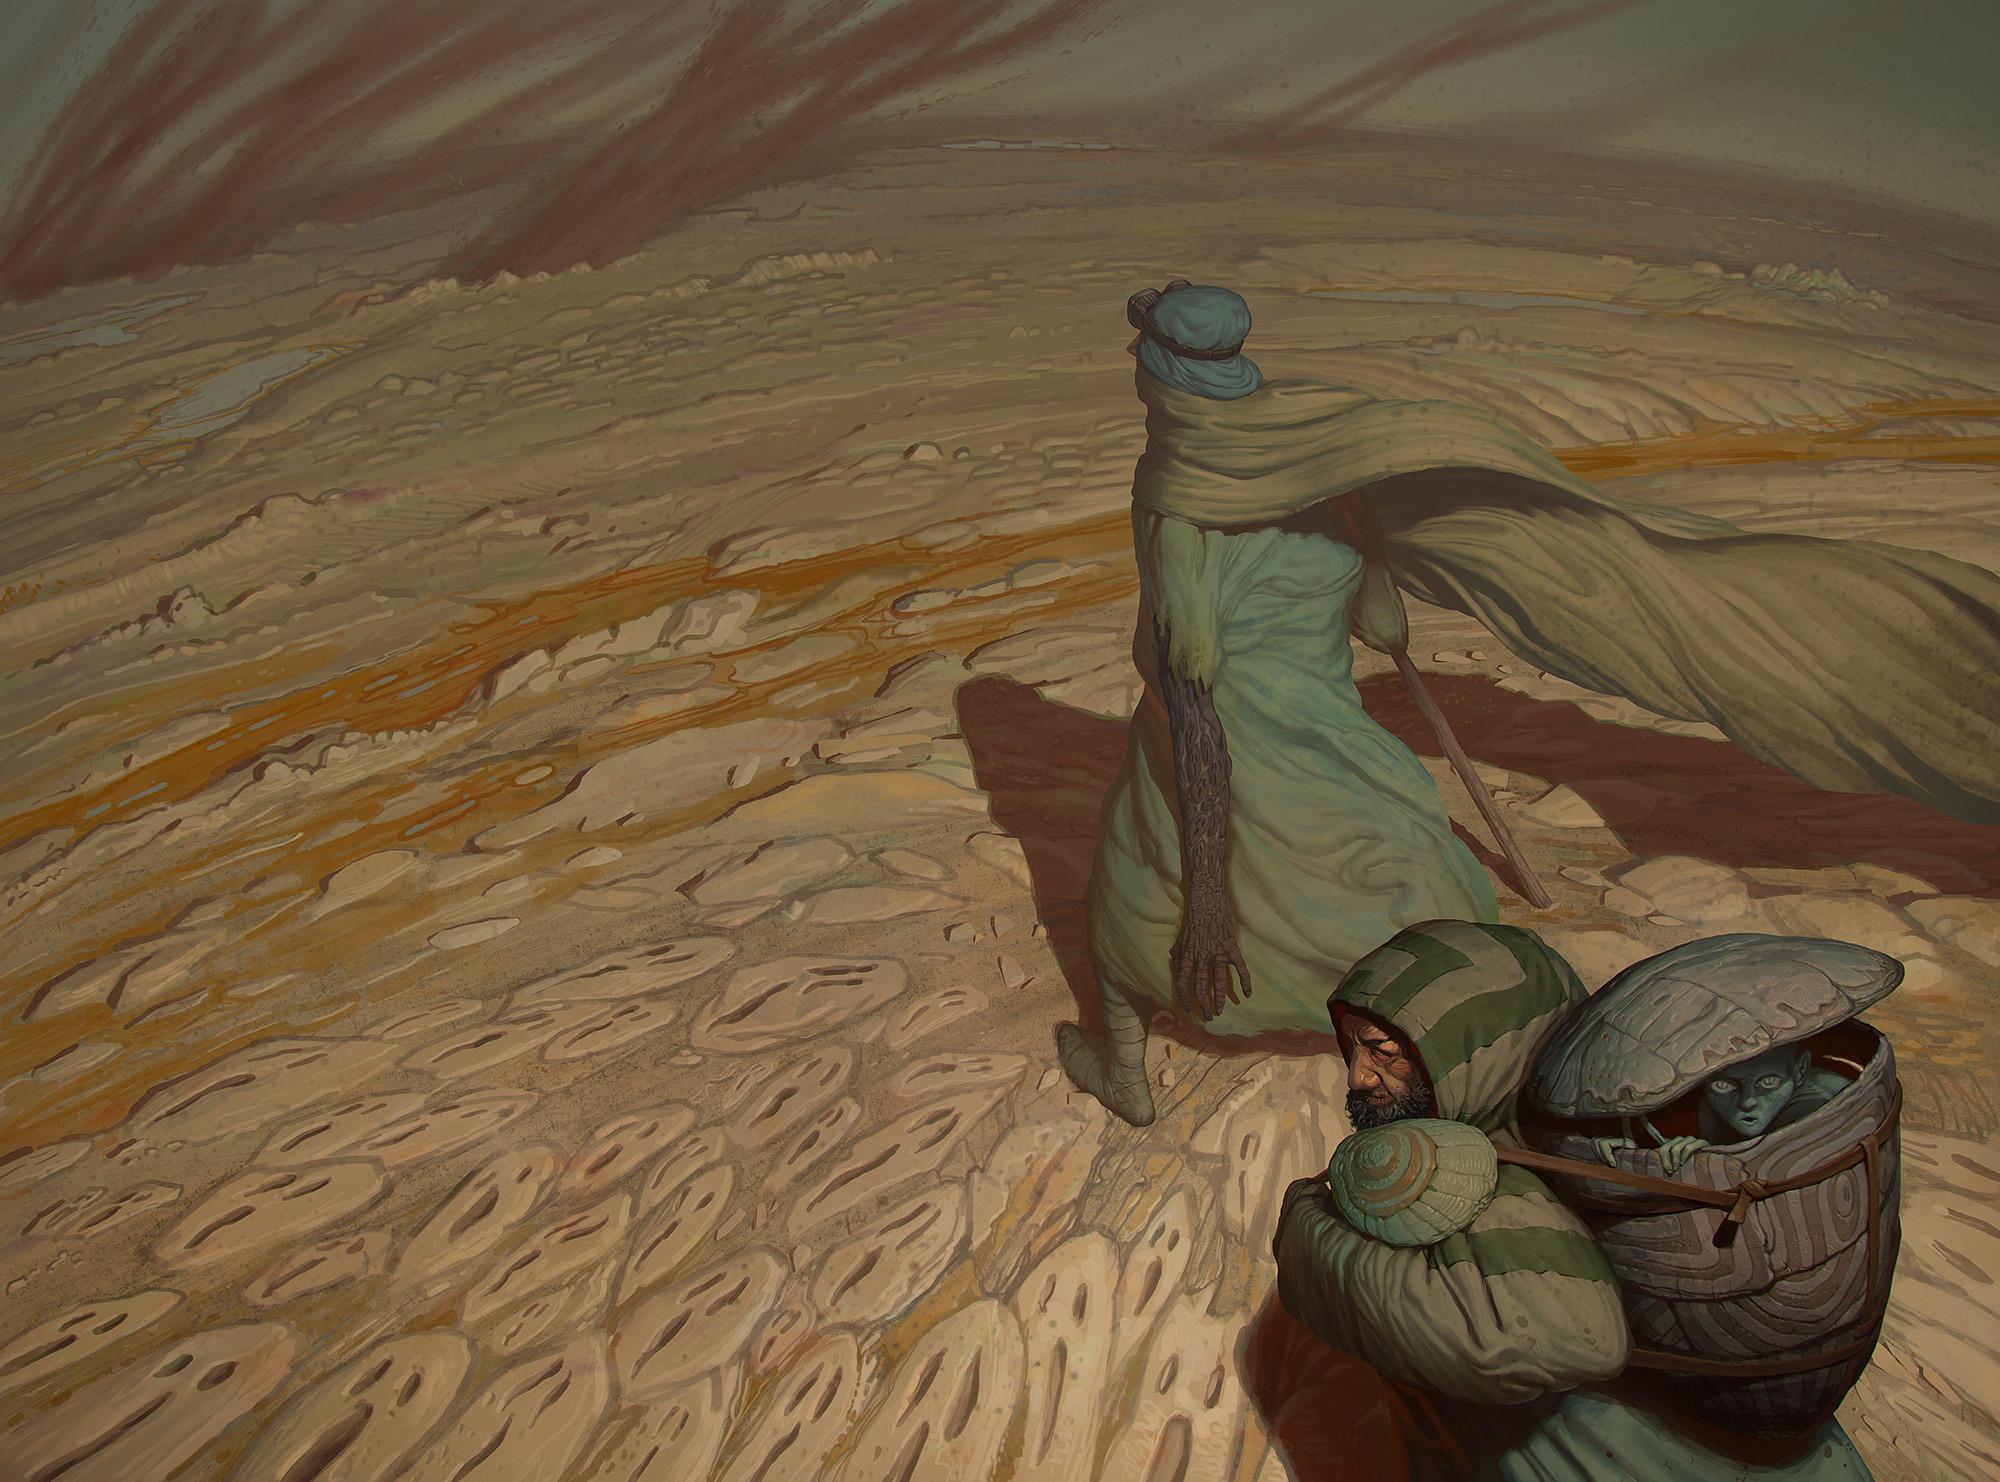 Through the ashen desert by AlexeyRudikov